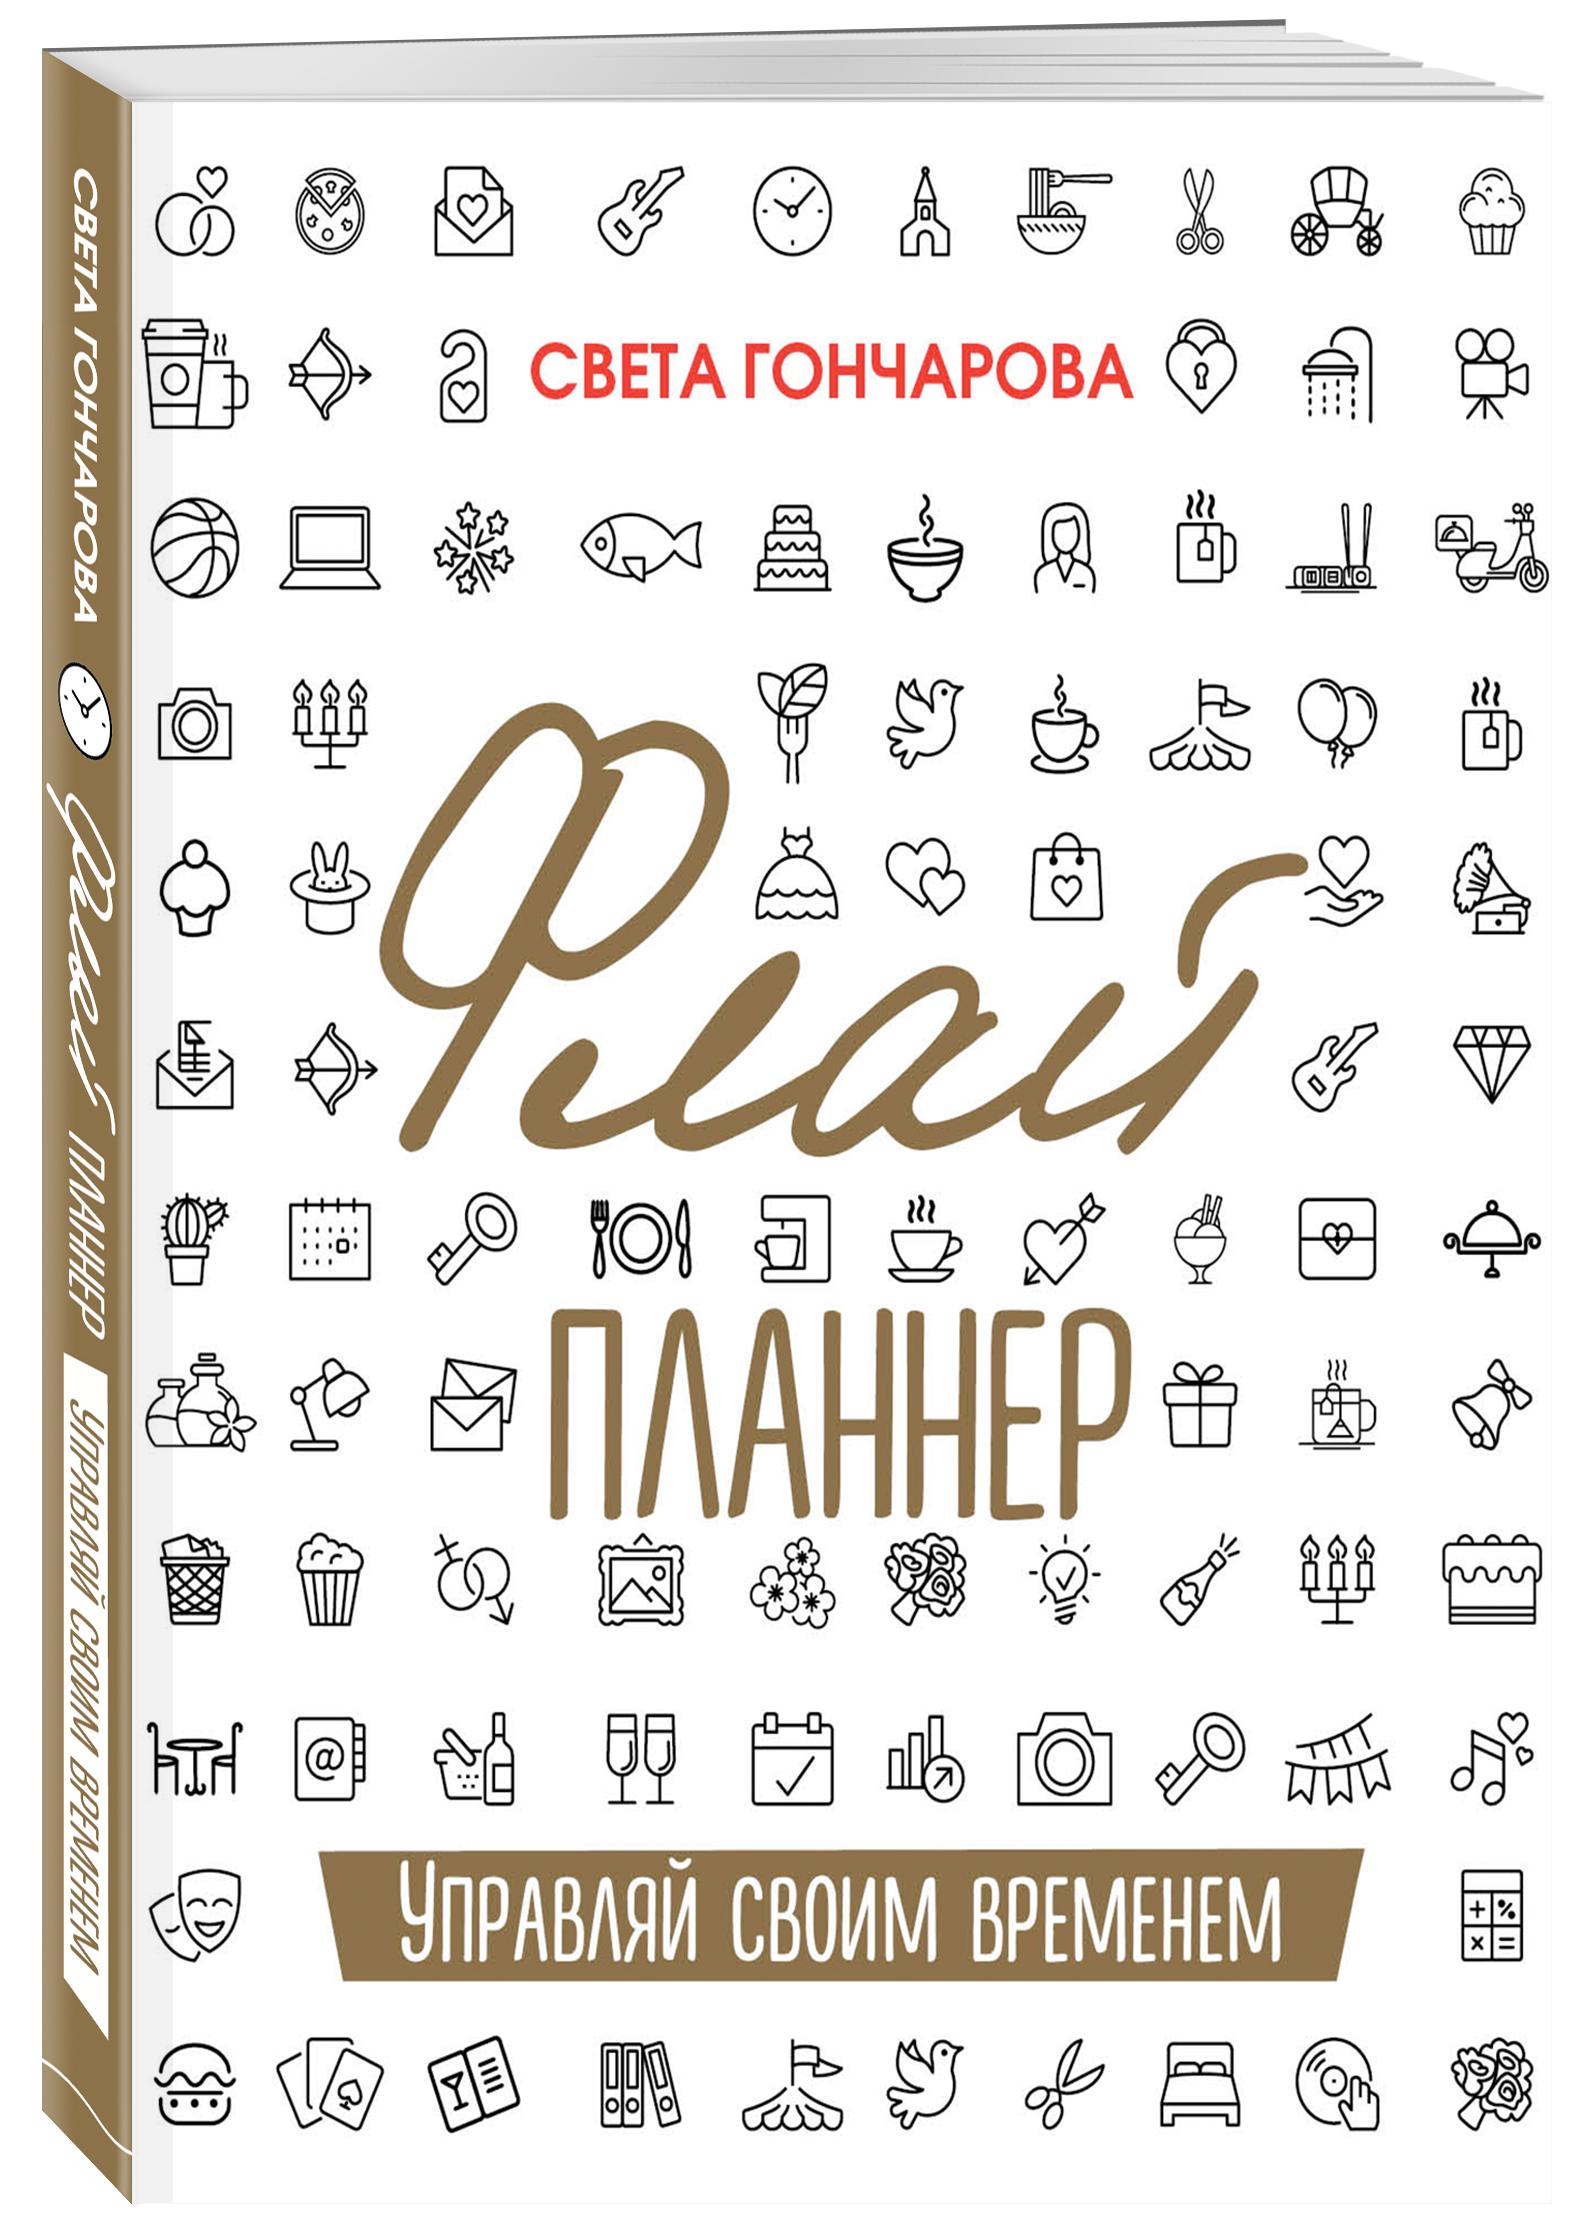 Гончарова С. Флай-планнер. Управляй своим временем